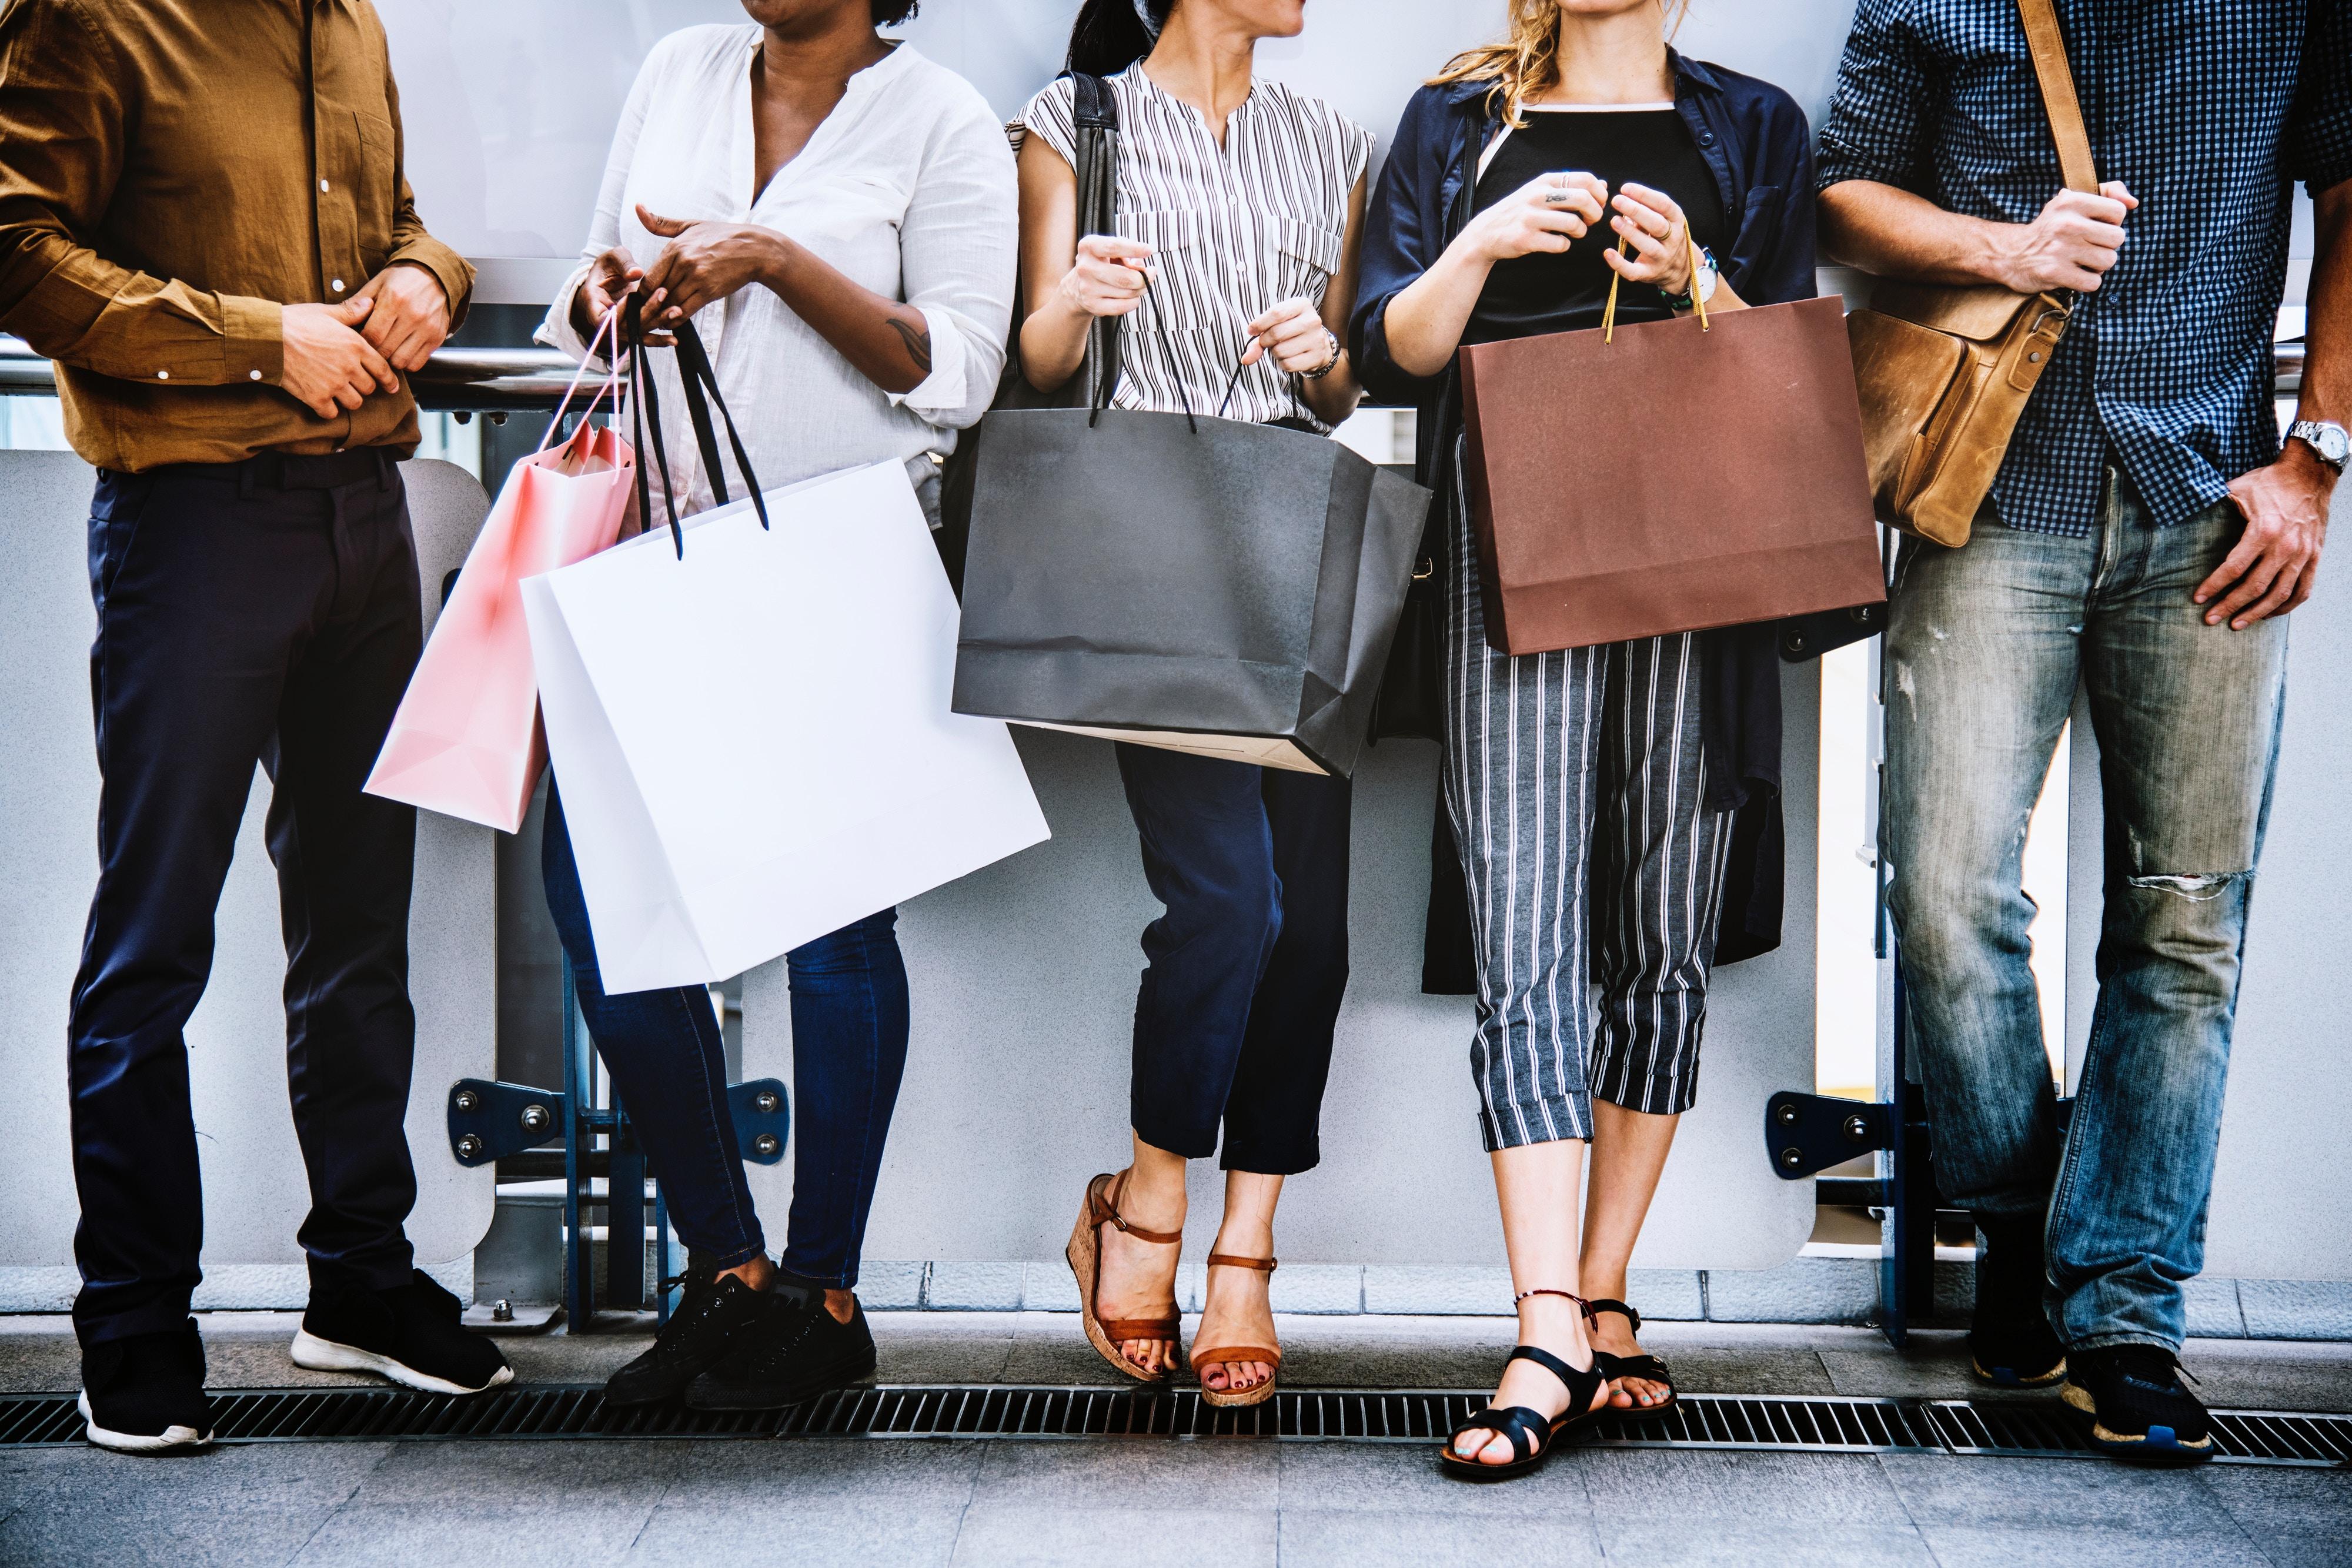 singles day ช้อปปิ้งออนไลน์ ซื้อของออนไลน์ รวมโปรโมชั่น โปรโมชั่น 2018 โปรโมชั่นร้านค้า